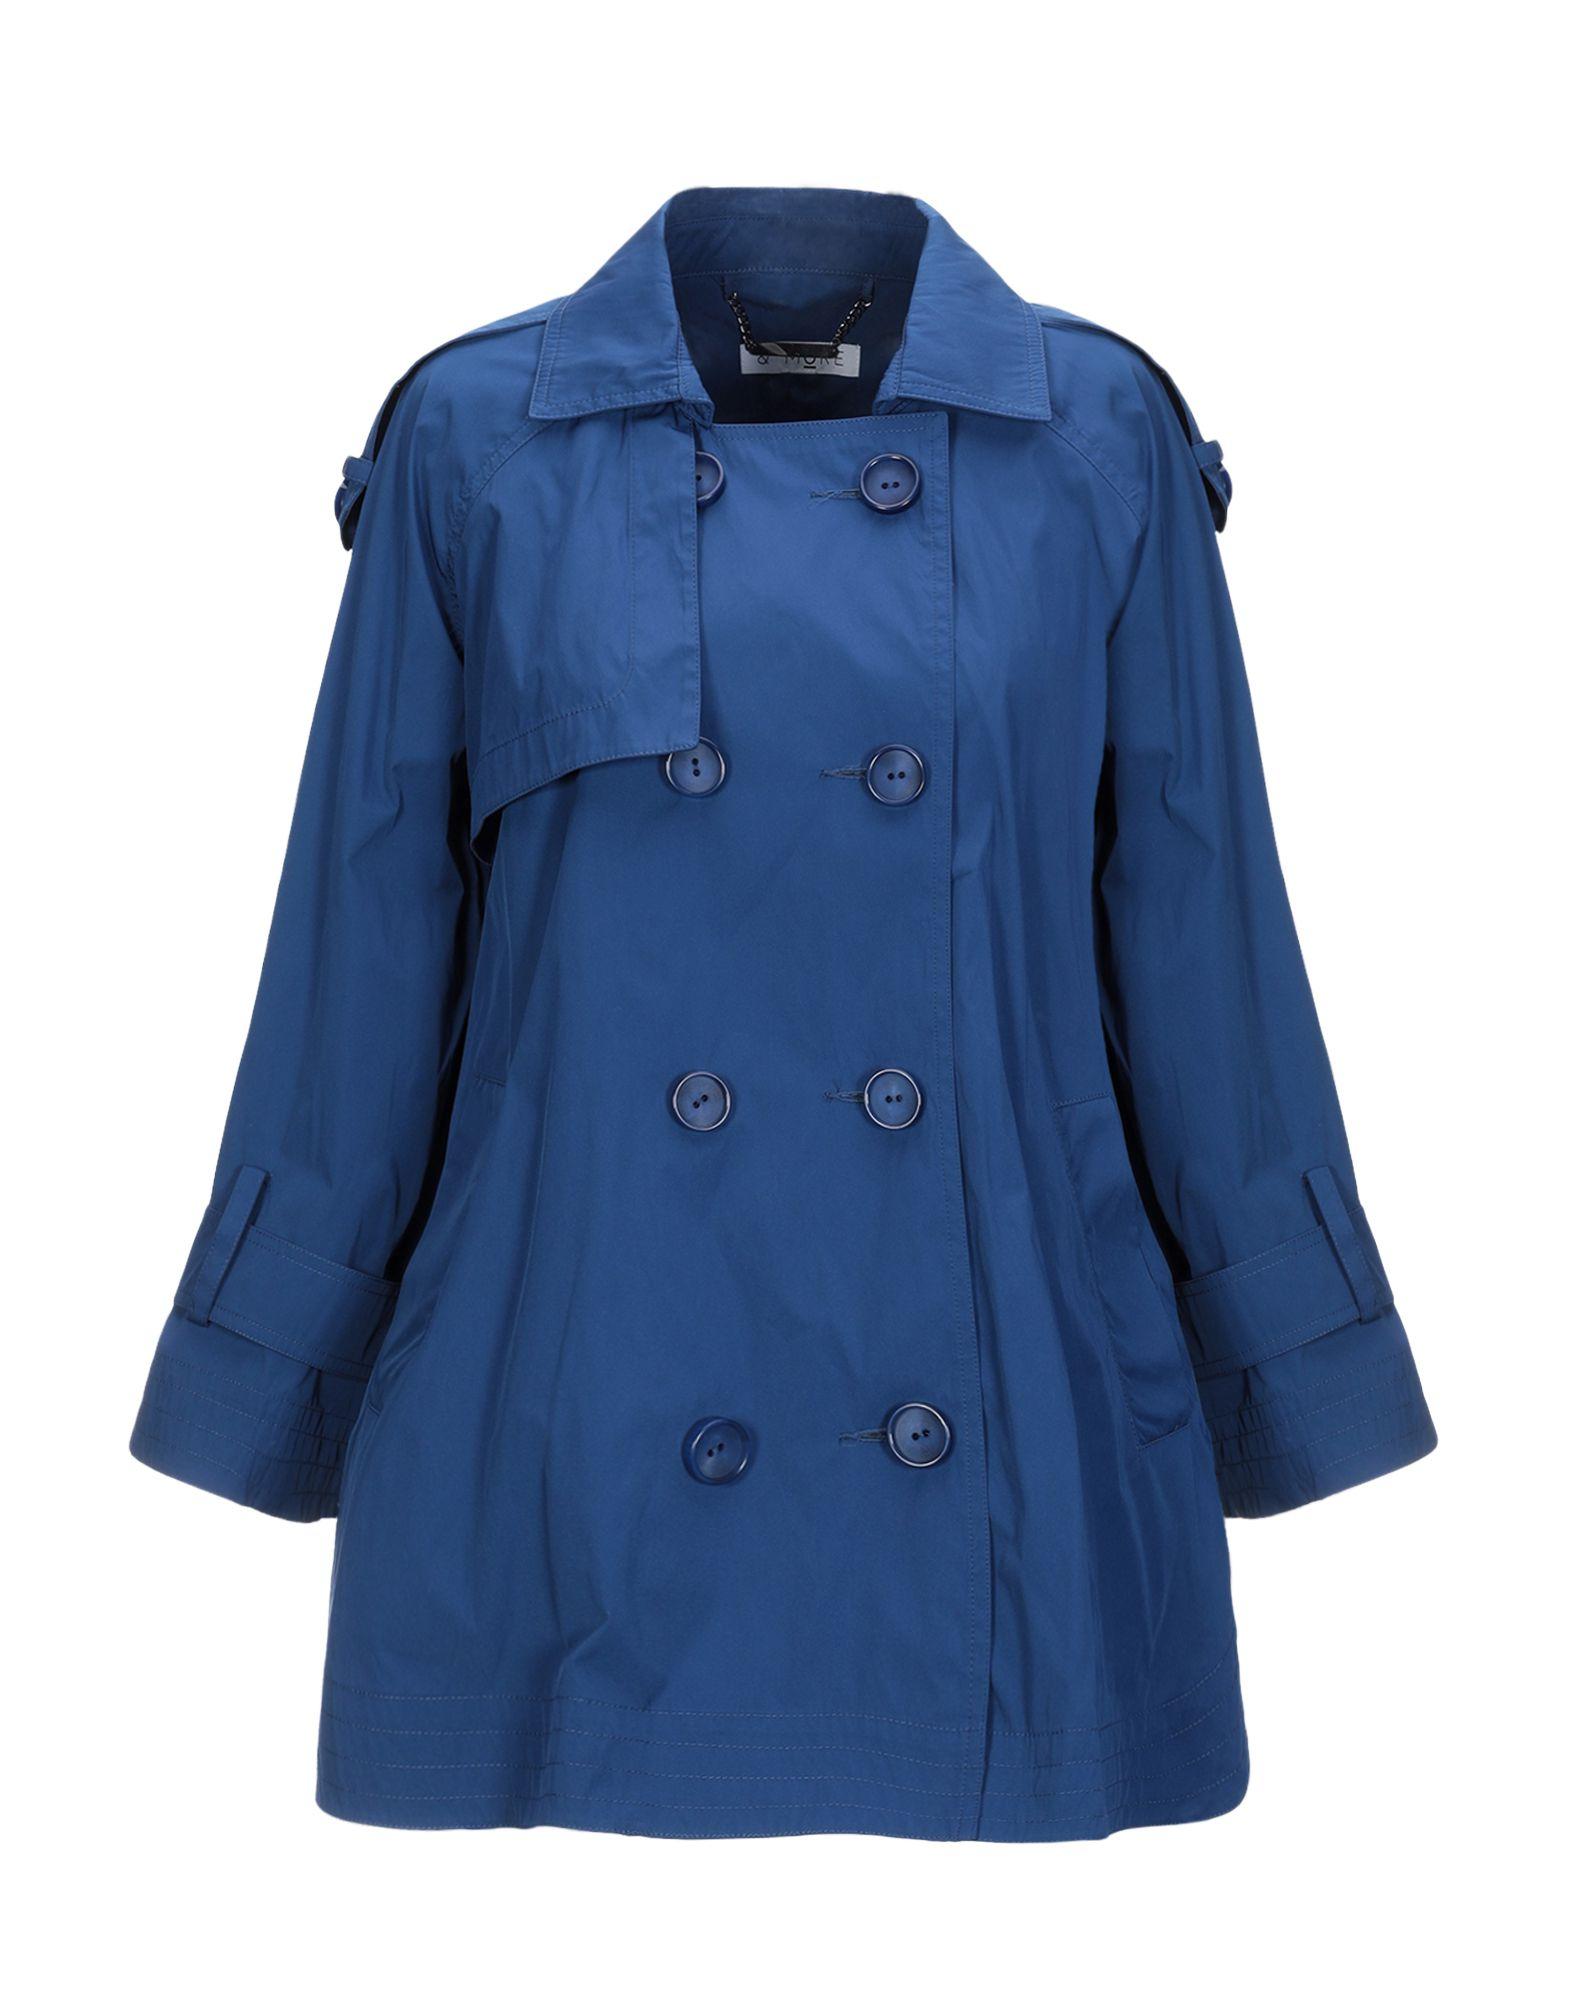 《期間限定セール中》& MoRE レディース ライトコート ブルー M ポリエステル 100%